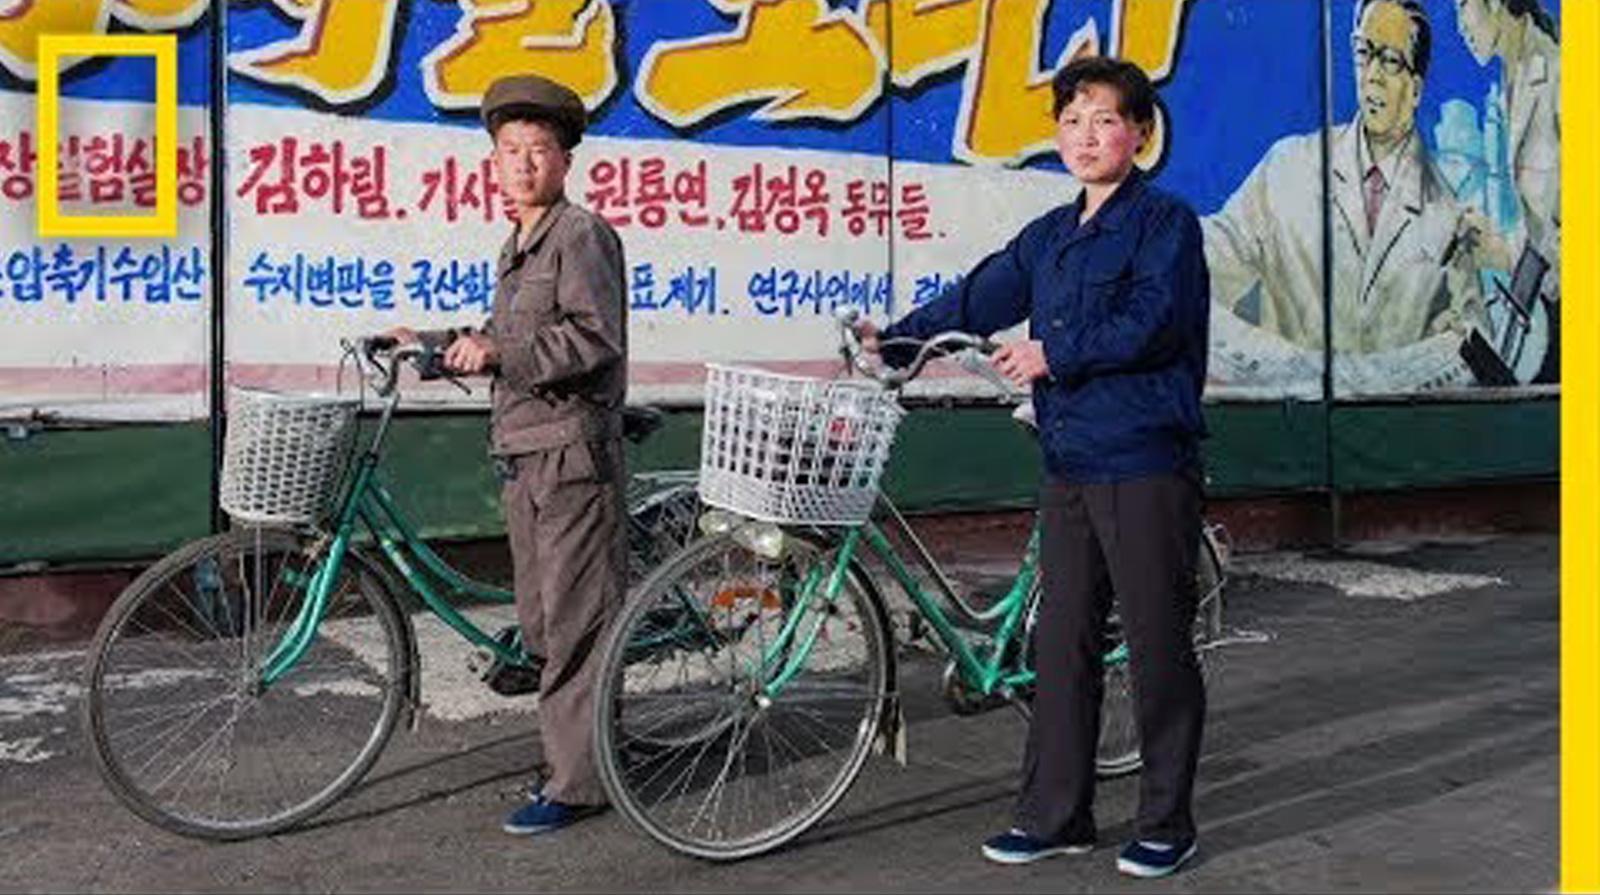 ชีวิตชาวเกาหลีเหนือ